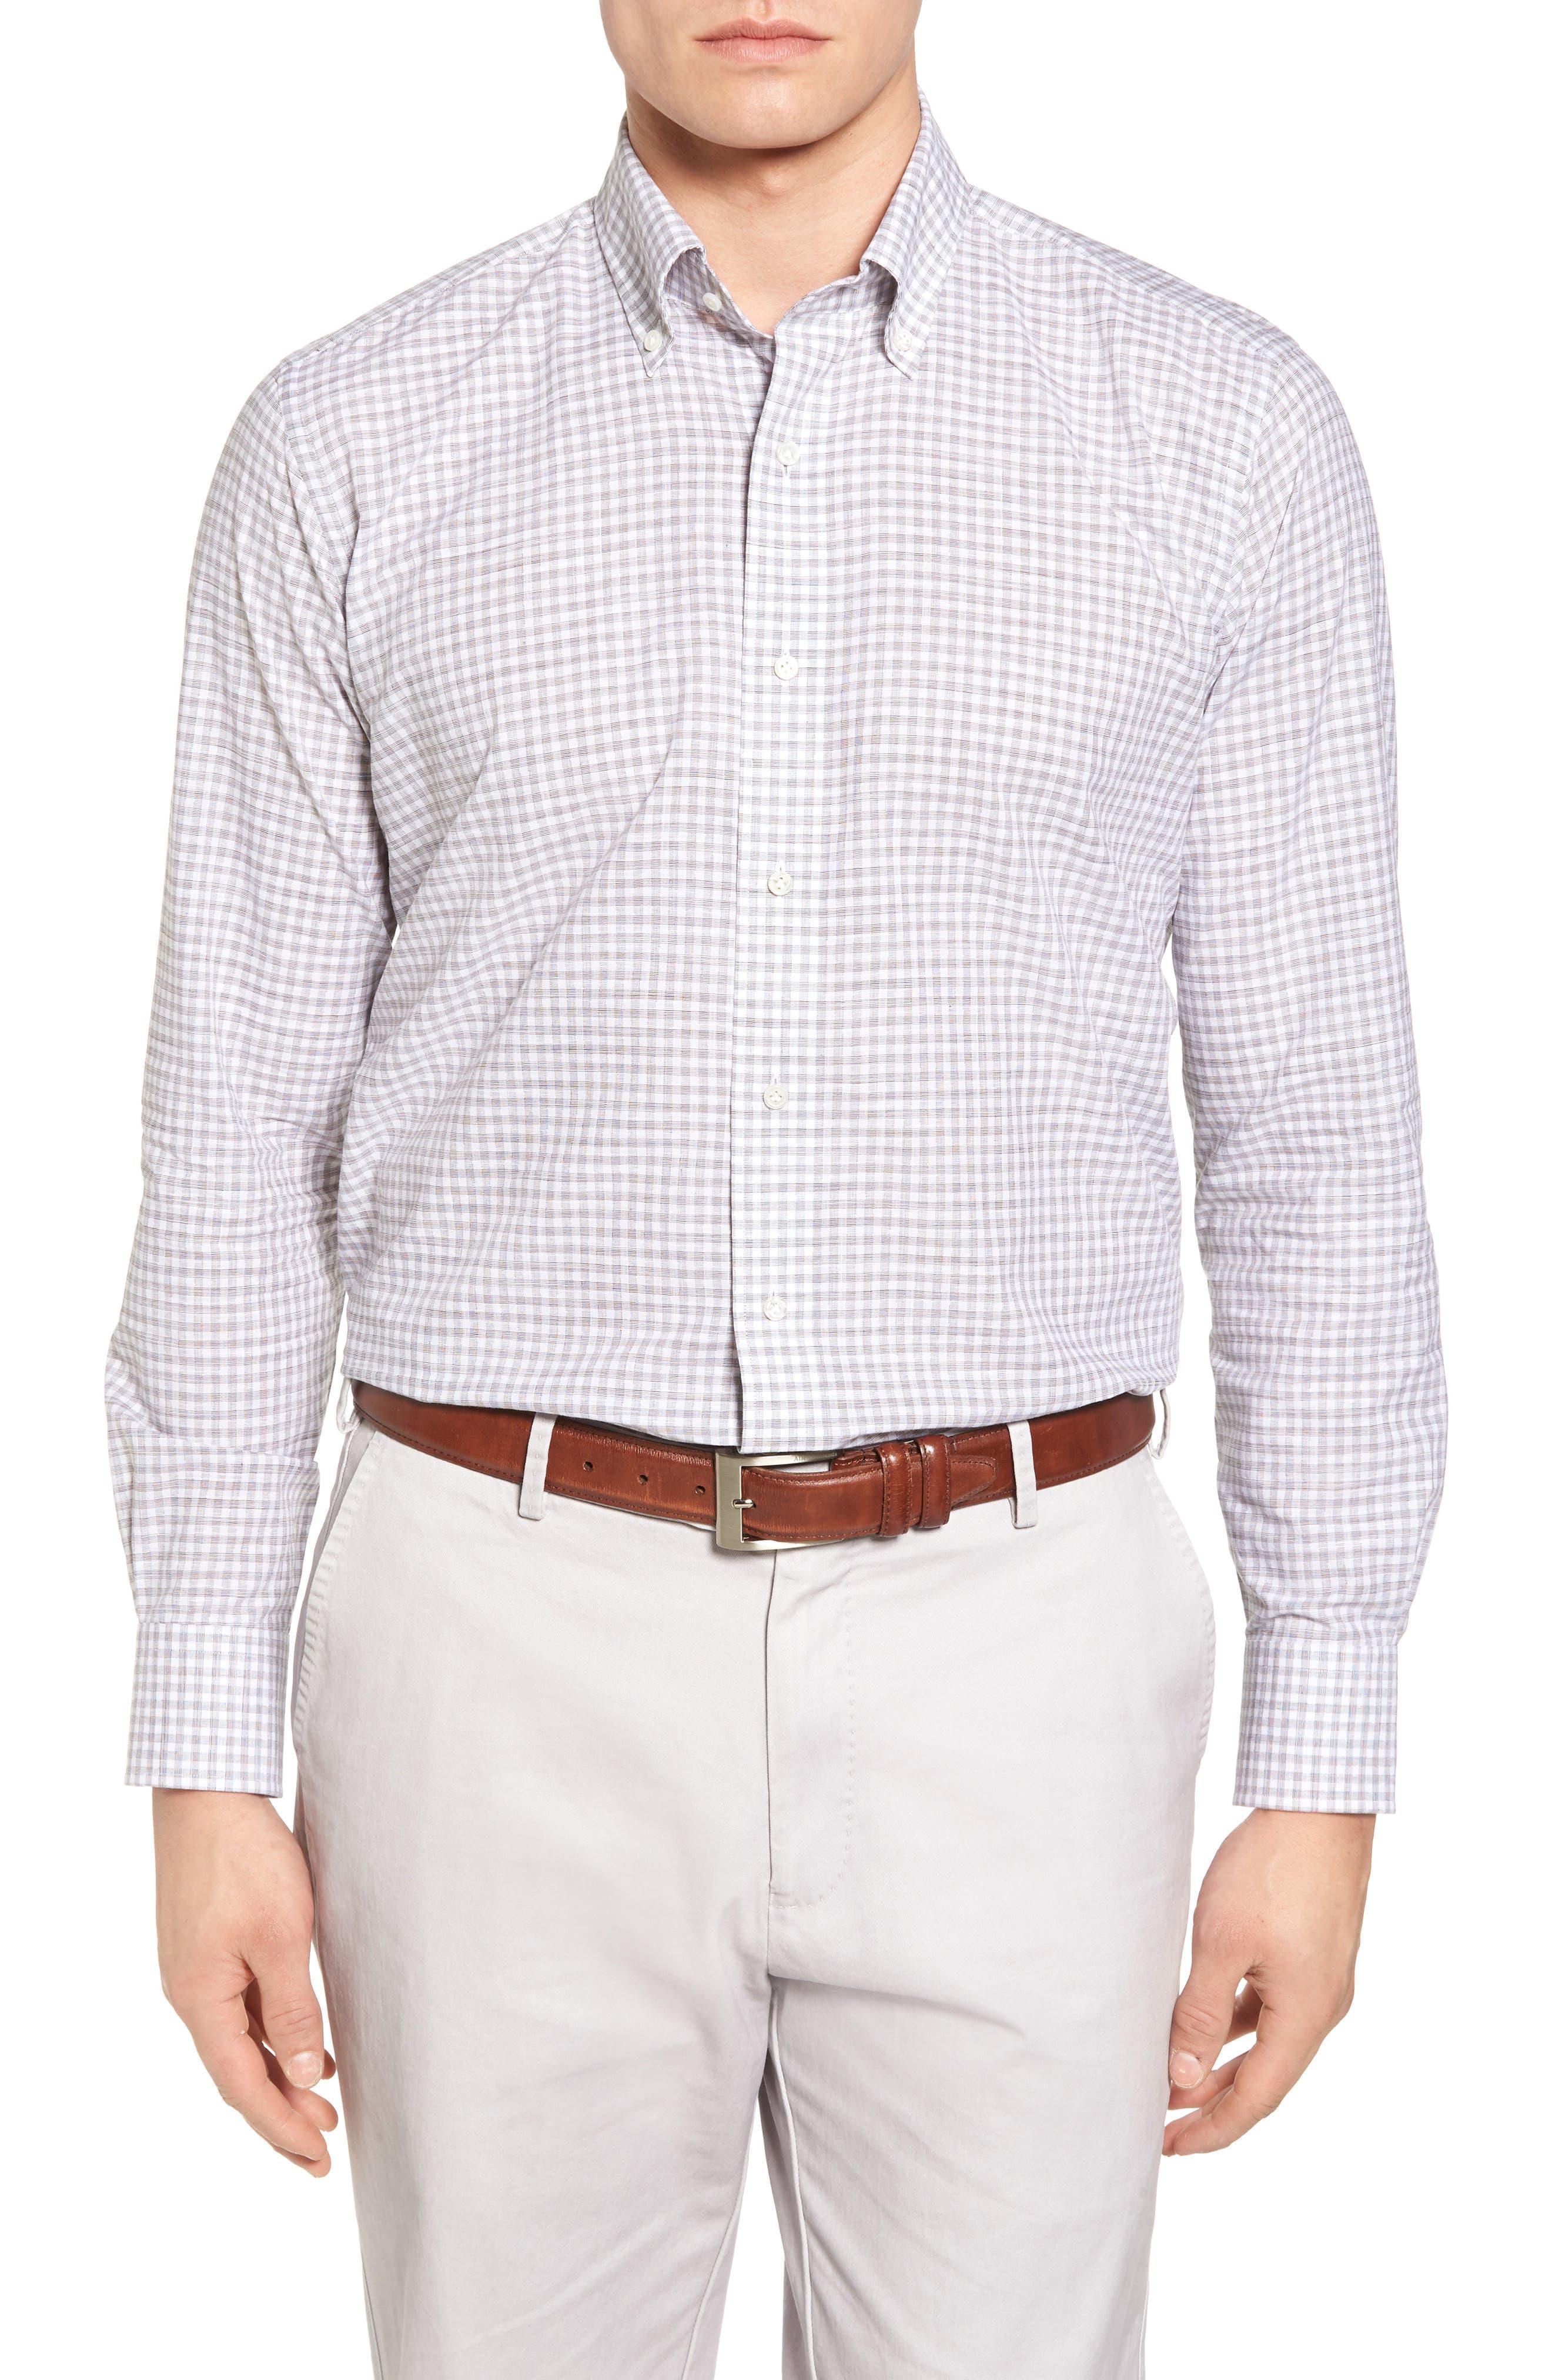 Moon Valley Chambray Sport Shirt,                         Main,                         color, 240